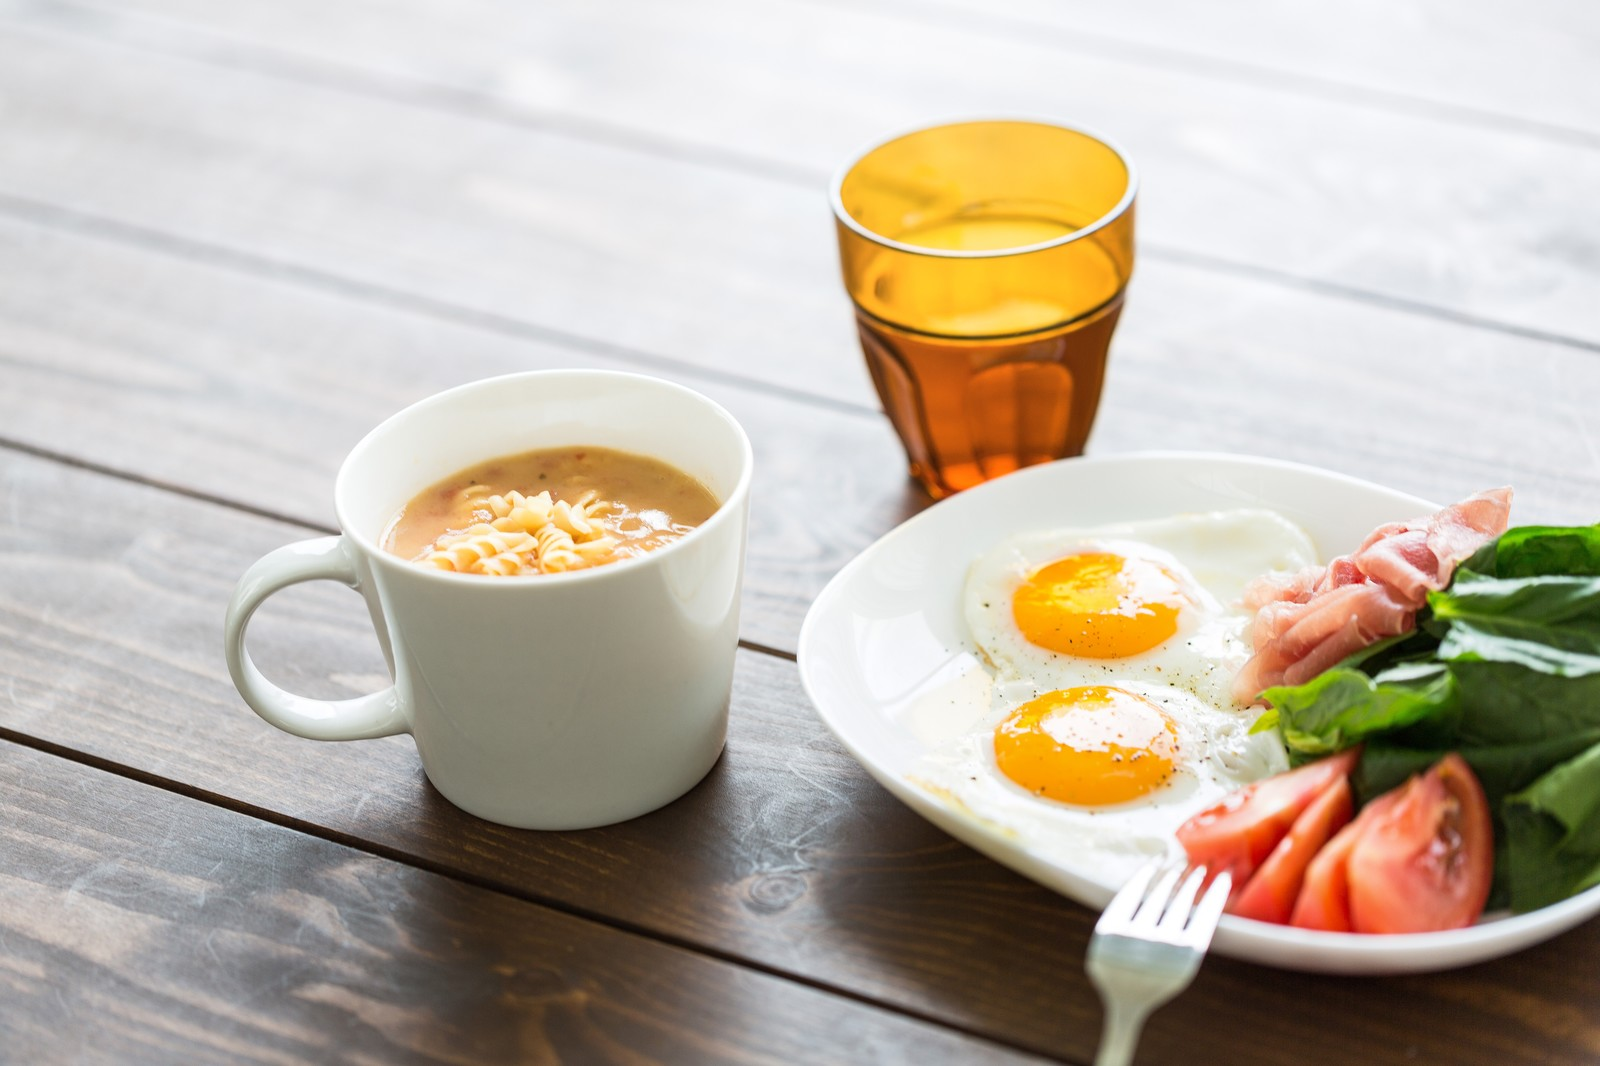 朝食、時間、通勤、出勤、栄養